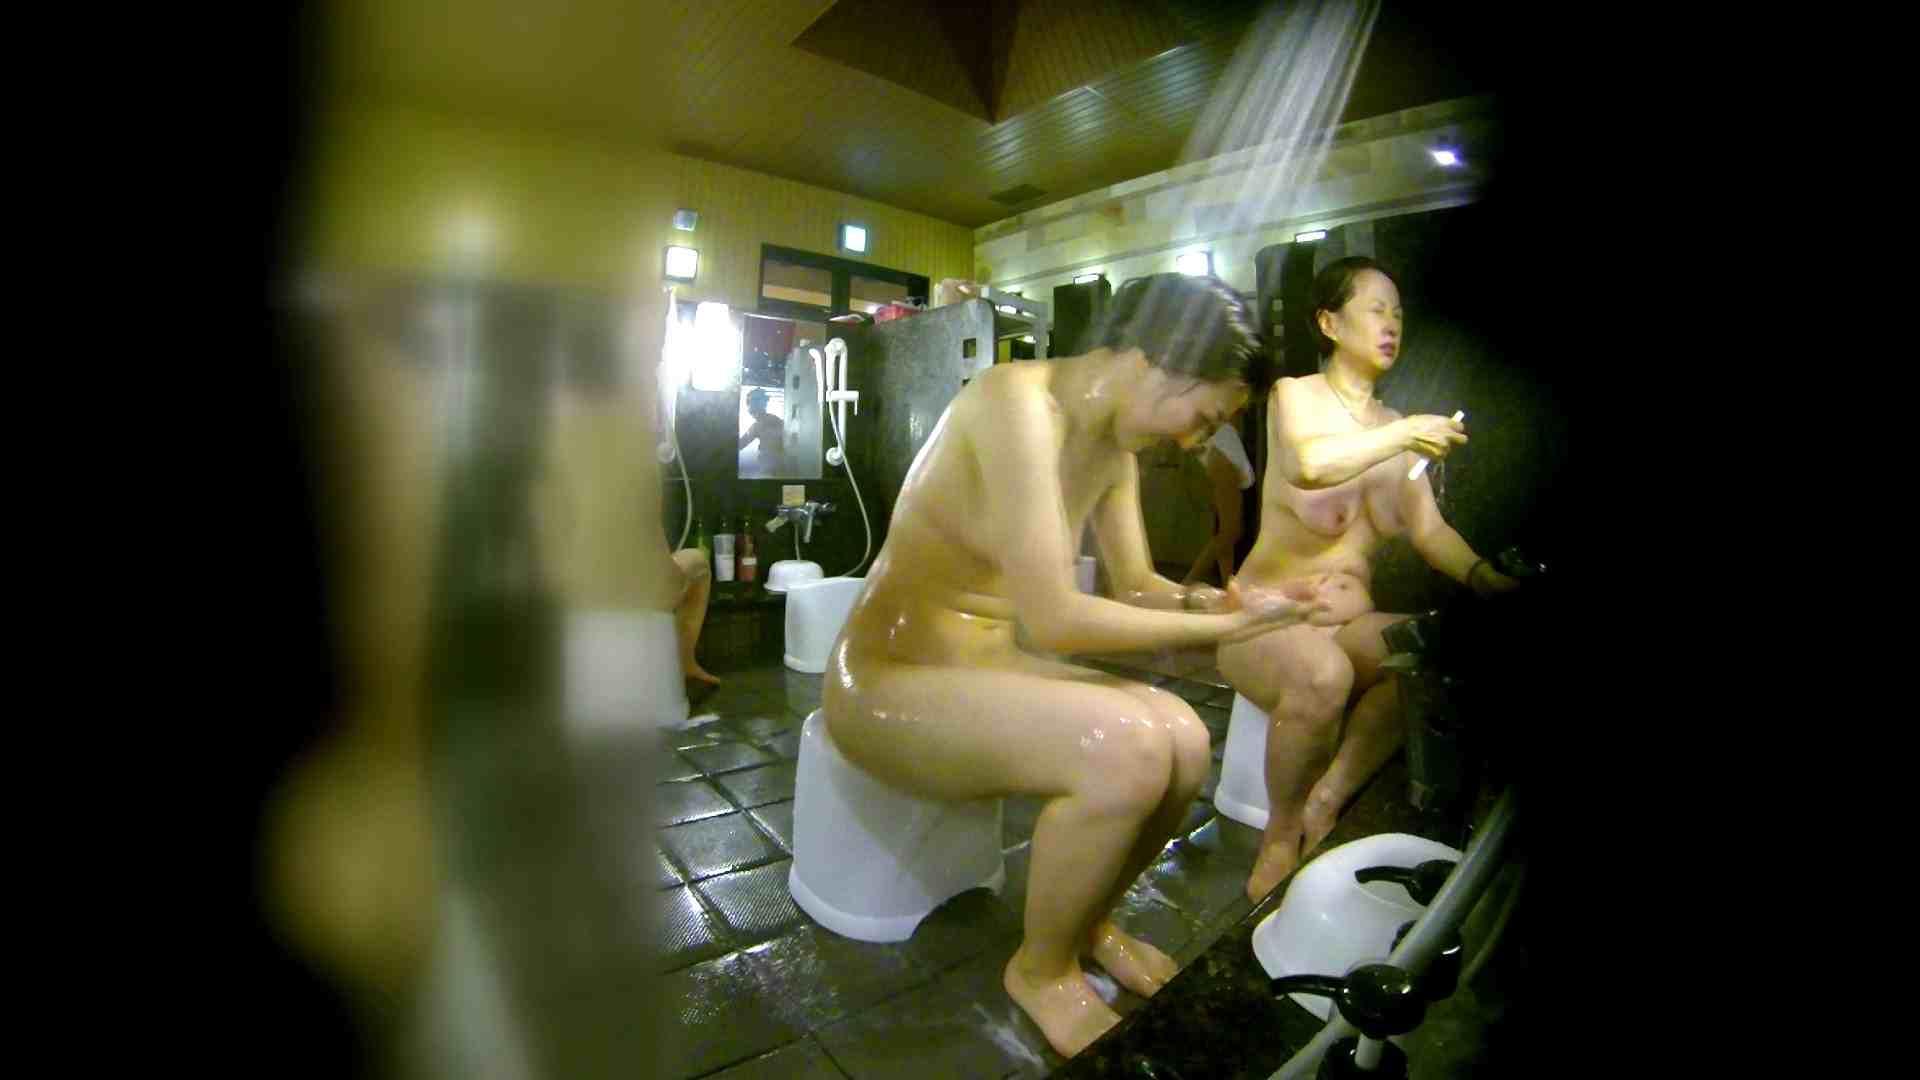 洗い場!右足の位置がいいですね。陰毛もっさり! 銭湯  58pic 26